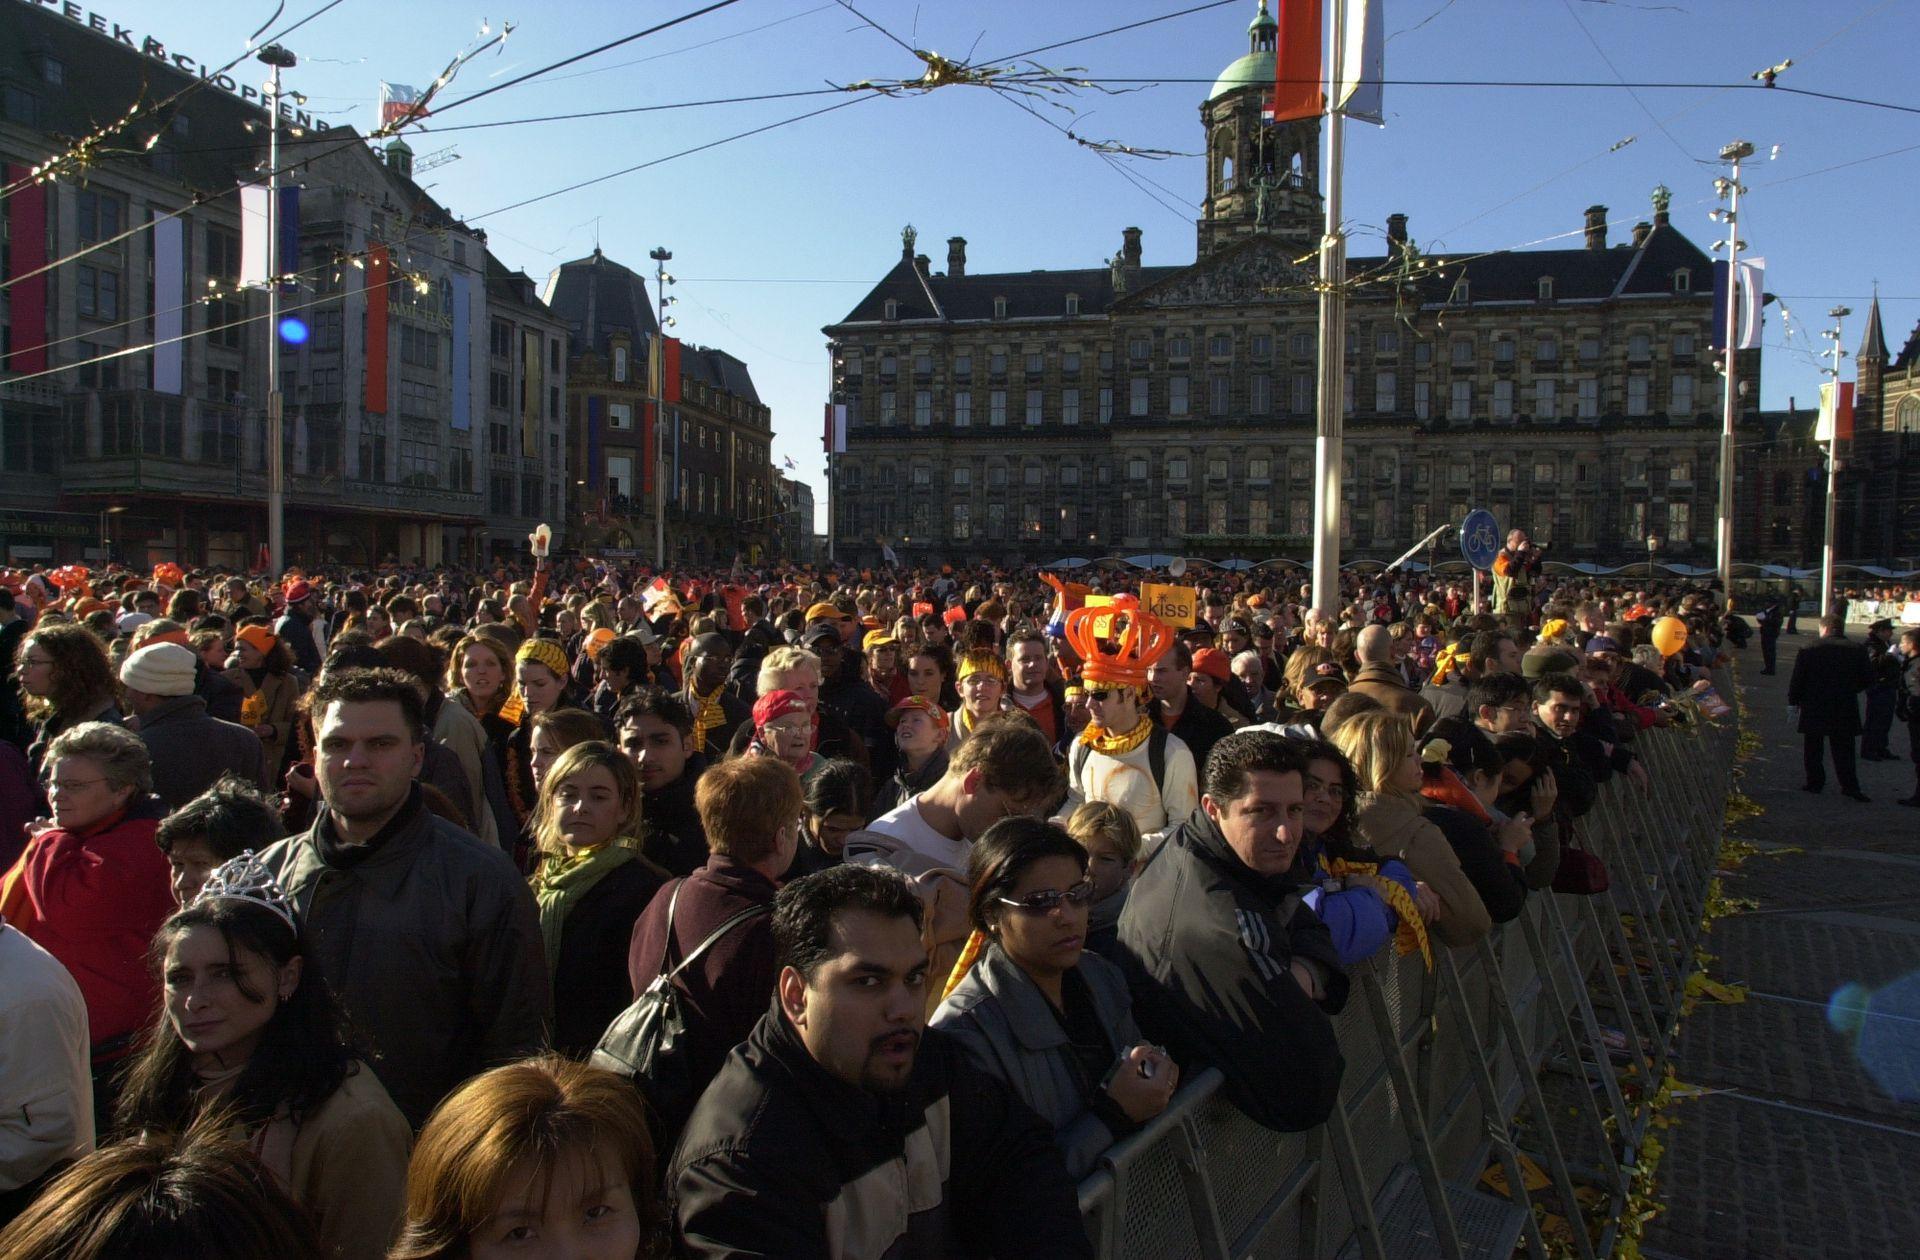 Se reunieron más de 80 mil personas en la capital holandesa